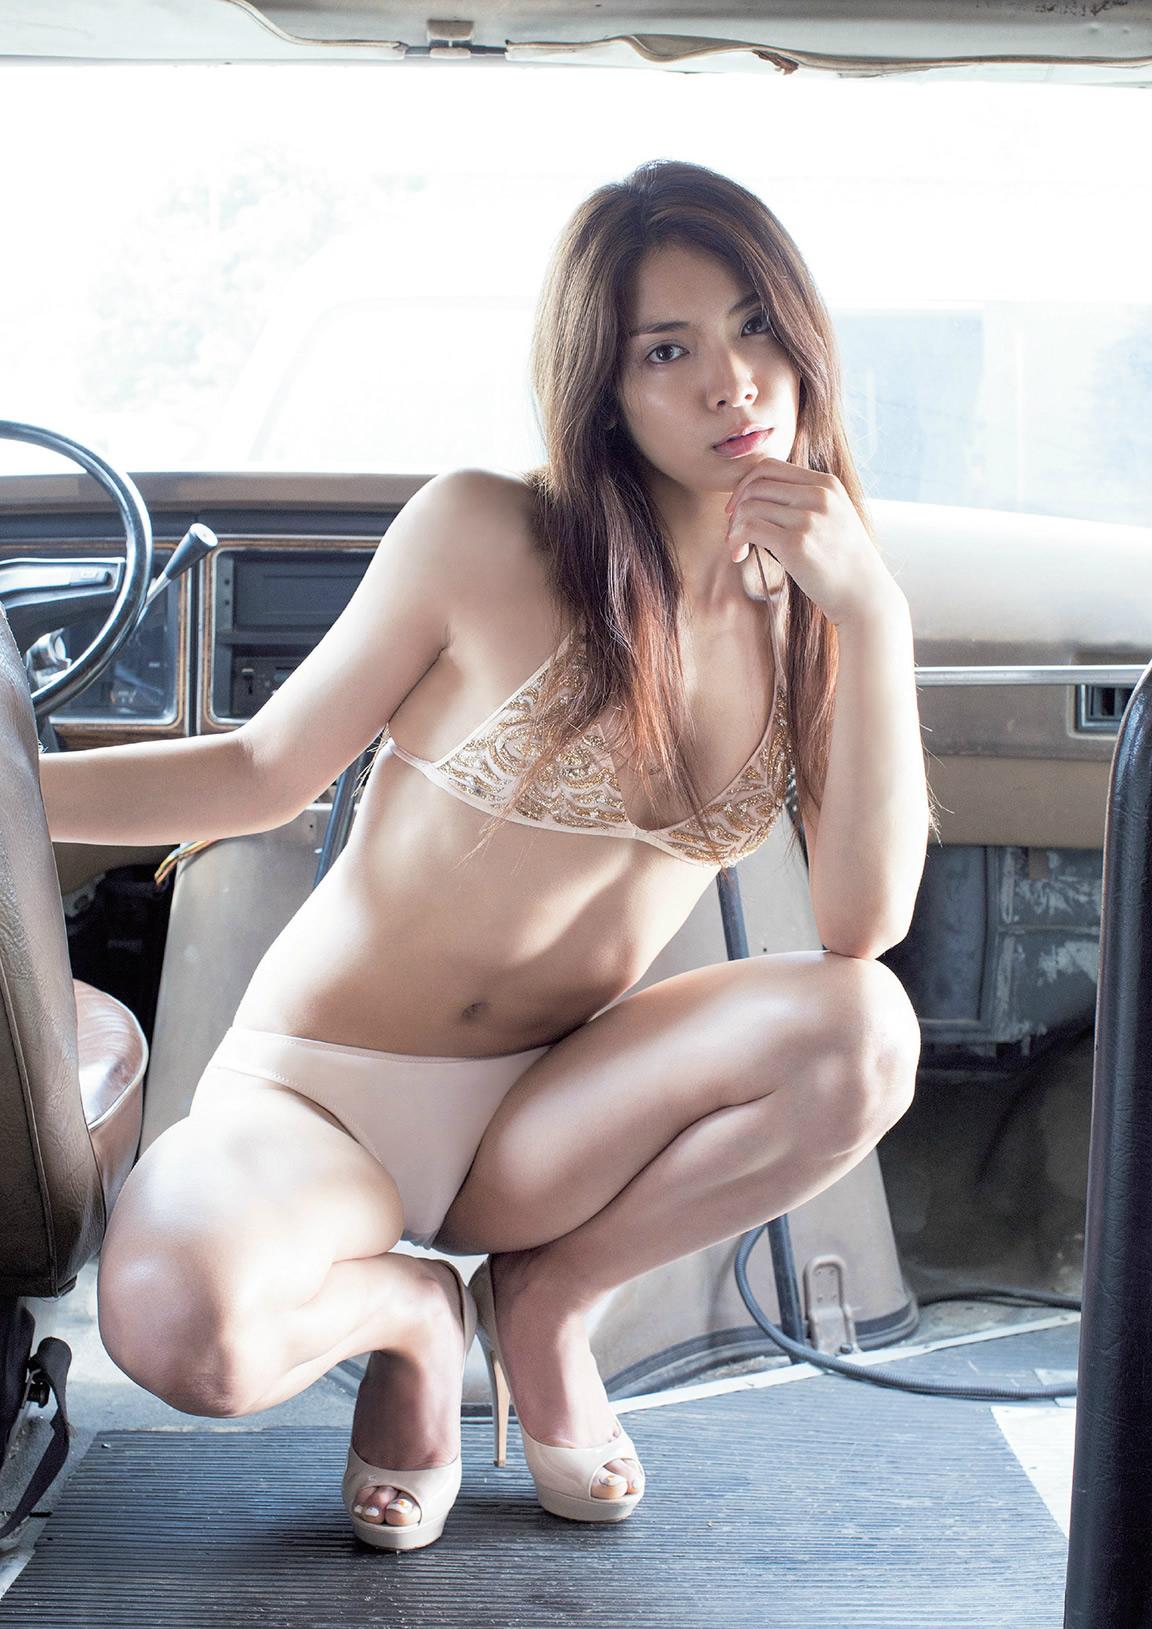 ゴールドの水着で車に乗るセクシーなポーズの秋元才加さん。大胆なポーズも決まっていますね。